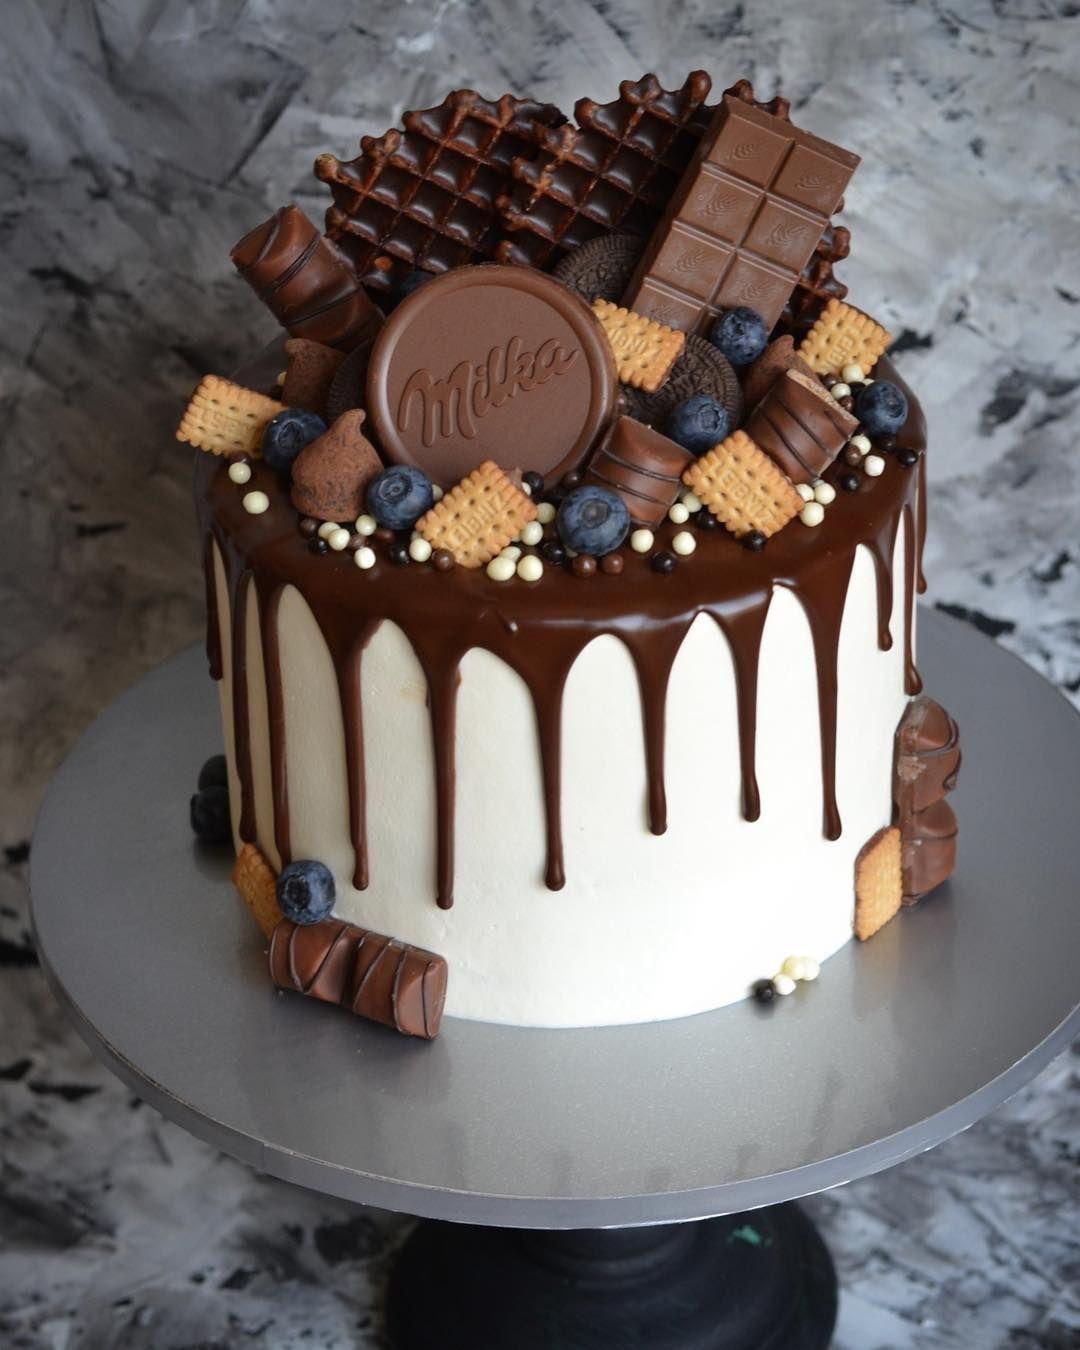 """Ekaterina on Instagram: """"Весь декор входит в стоимость торта"""